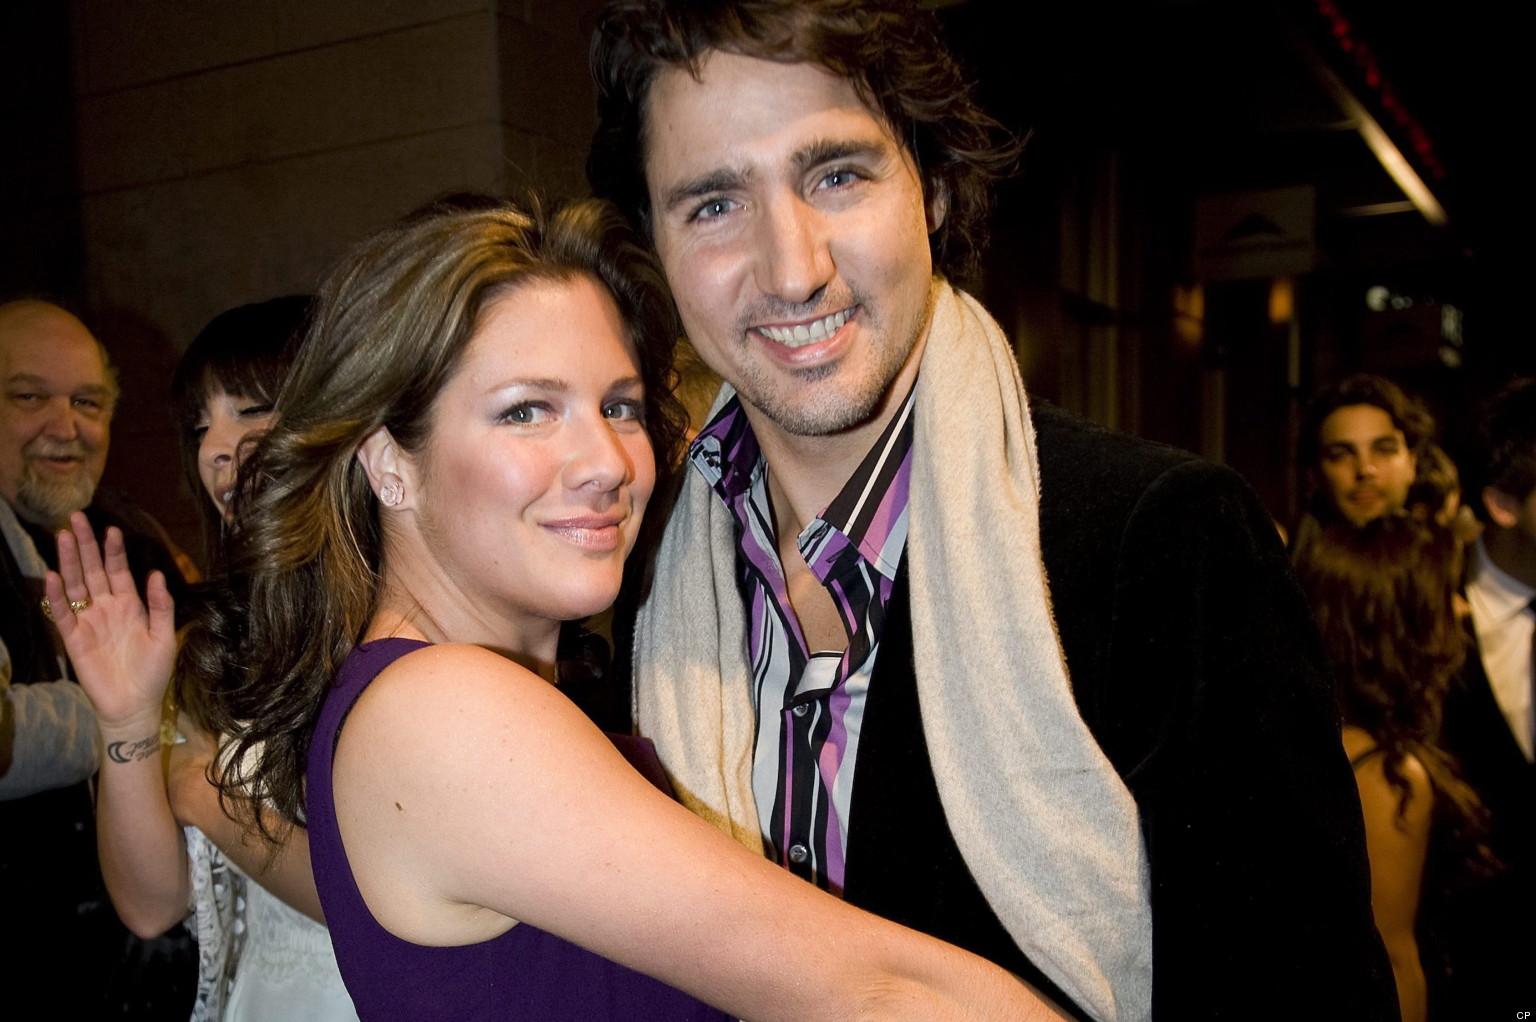 Justin Trudeau with Żona Sophie Grégoire